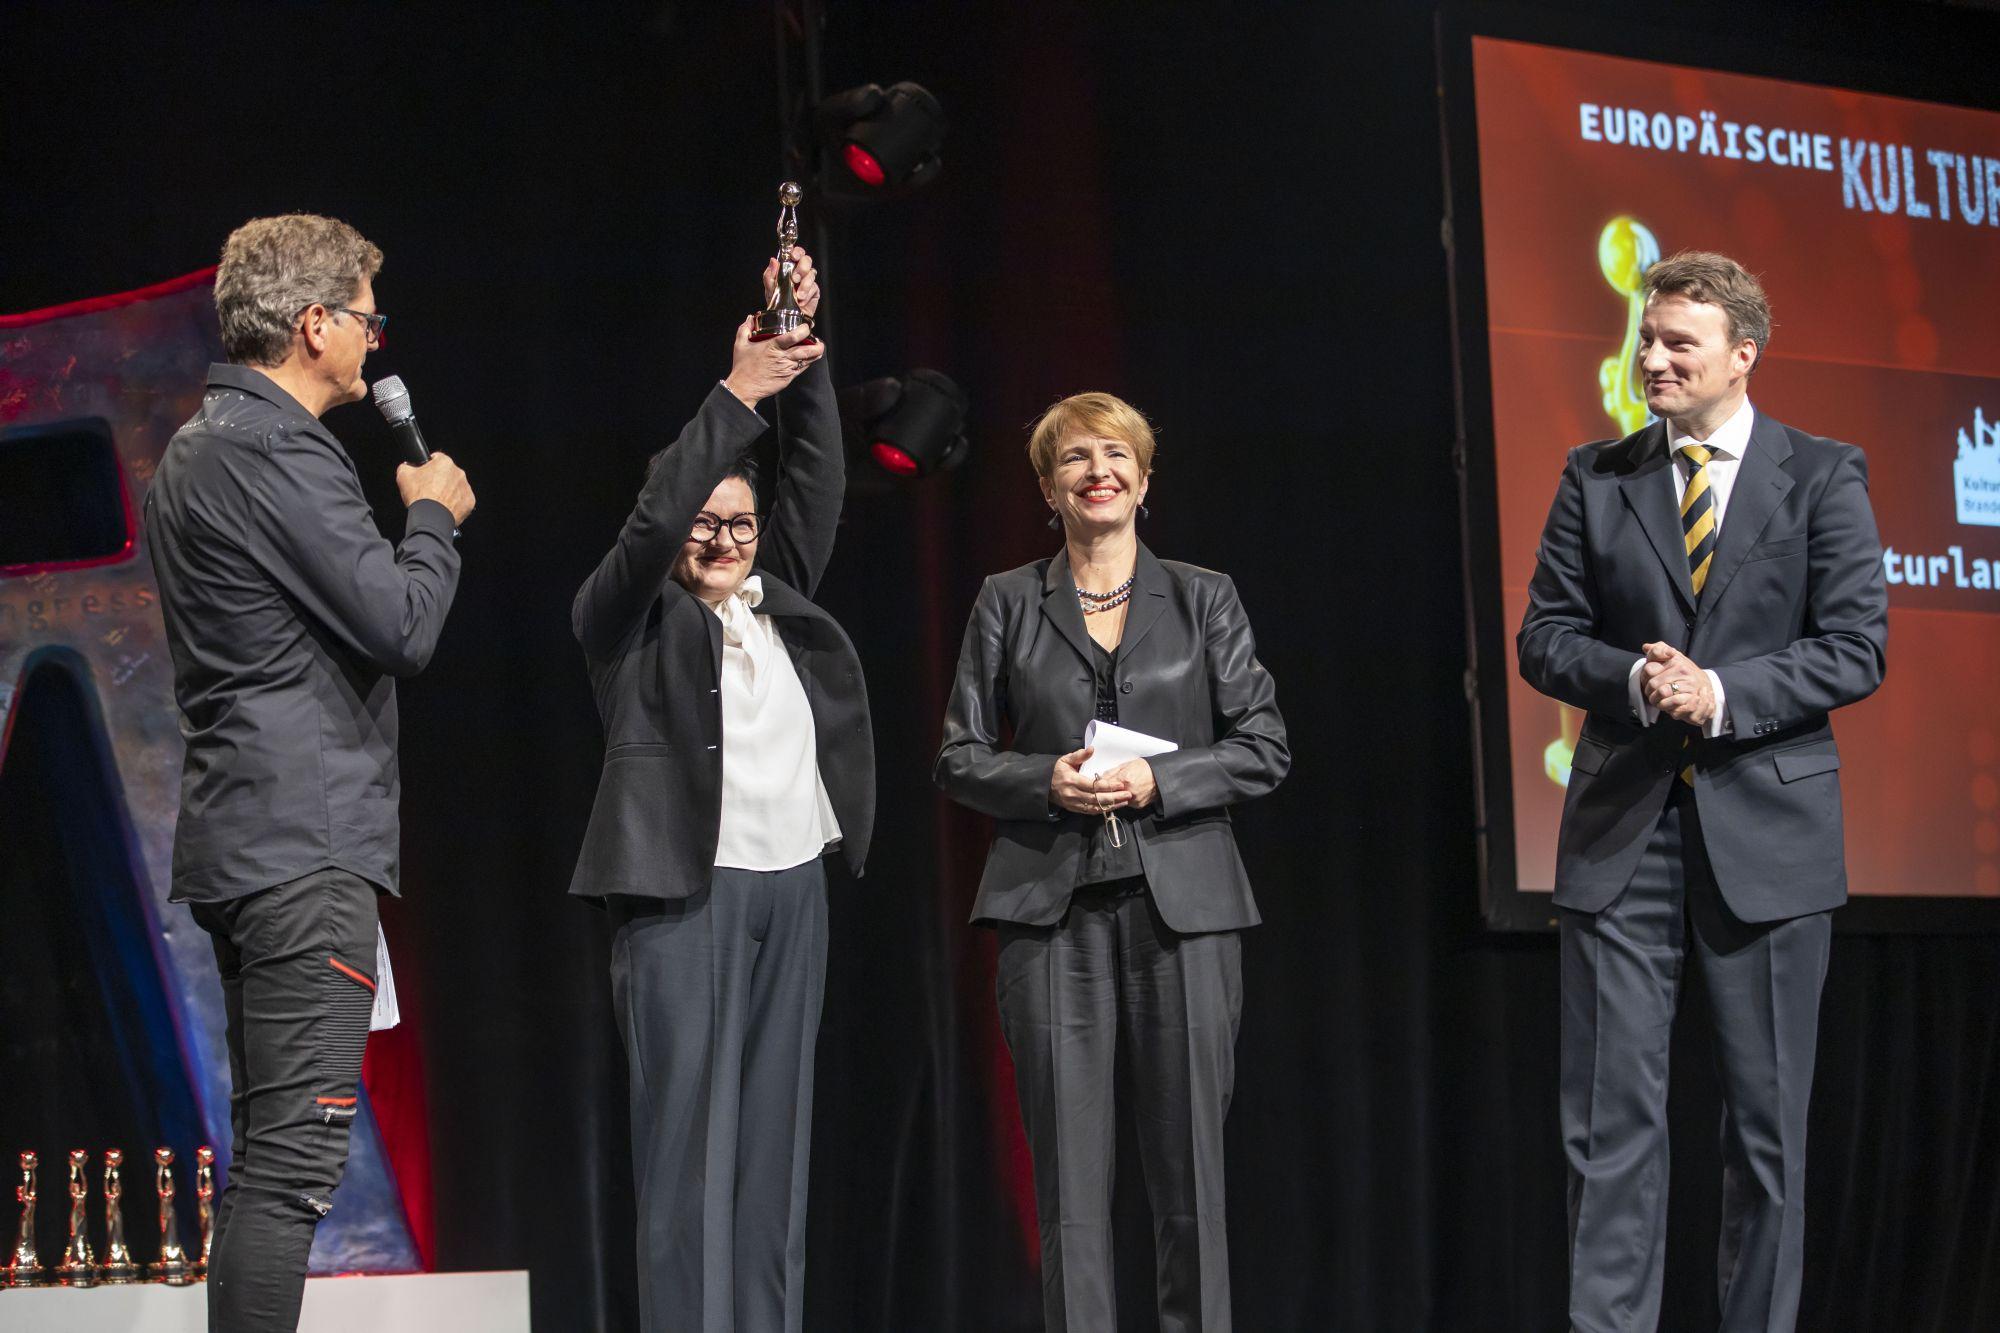 Moderator, Brigitte Faber-Schmidt (Geschäftsführerin Kulturland Brandenburg), Dr. Martina Münch (Kulturministerin Brandenburg), Dr. Hagen W. Lippe-Weißenfeld (Vorstand Kulturpolitische Gesellschaft und Jury-Präsident Europäischer Kulturmarken-Award), Copyright: Hans-Conrad Walter